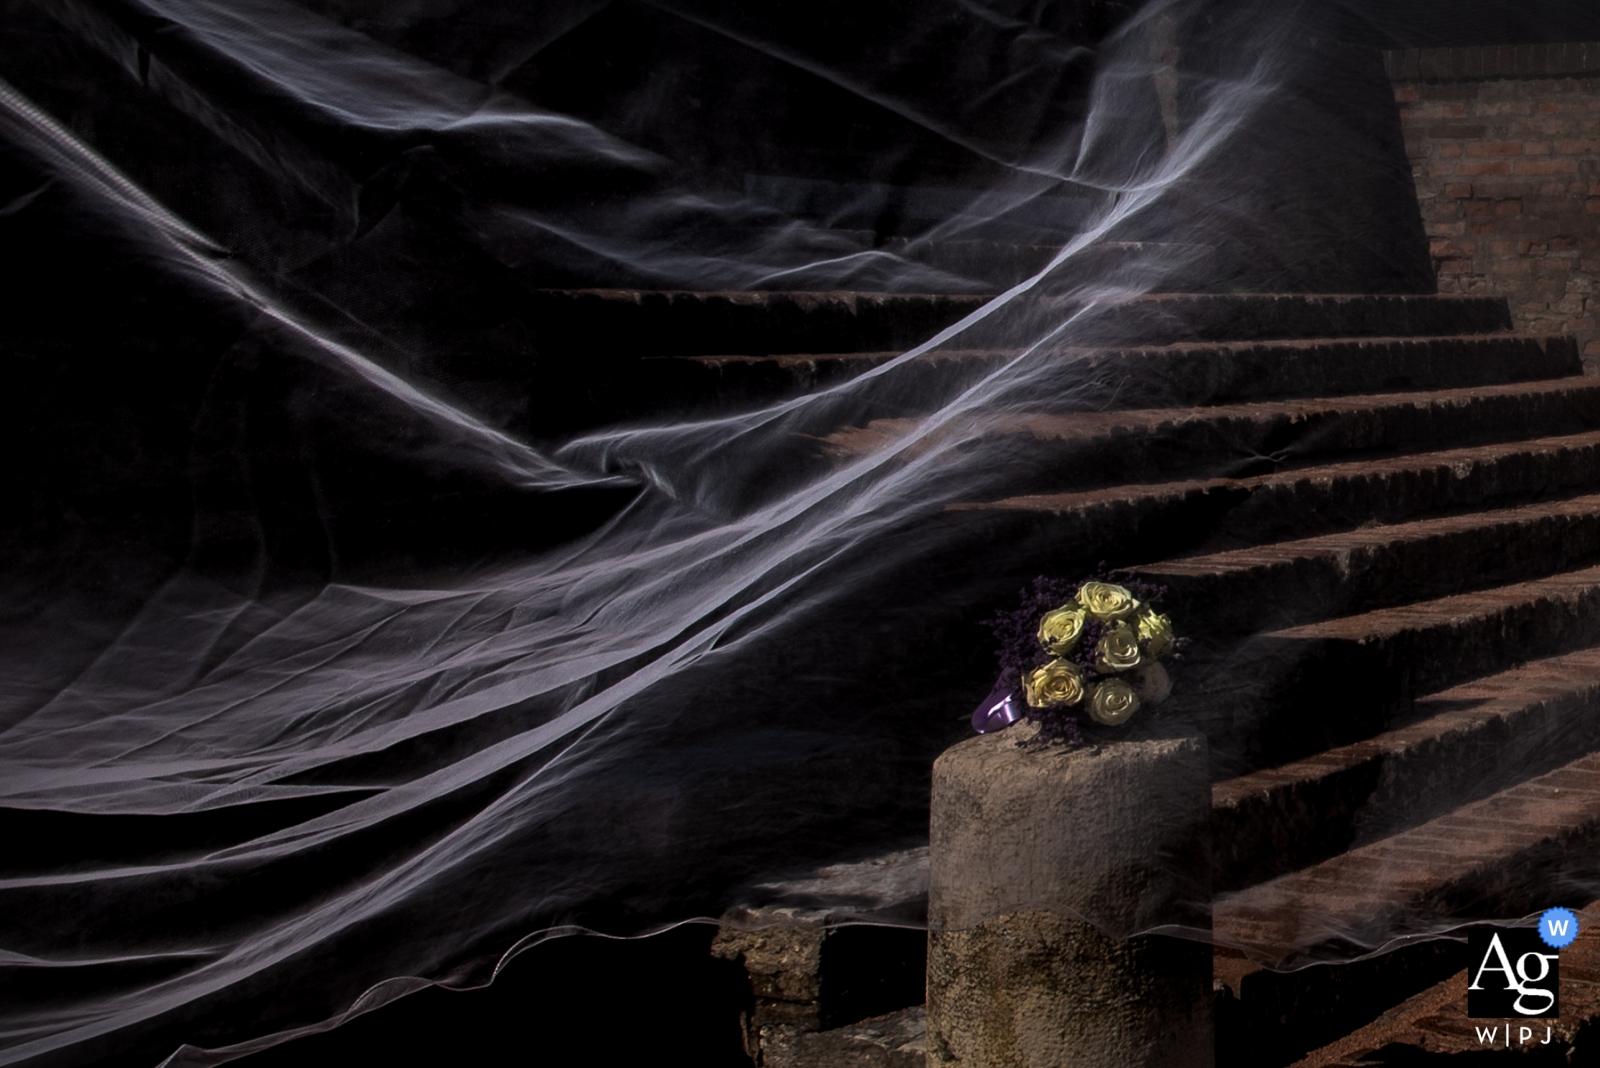 Image de détail de mariage du bouquet et du voile de la mariée par une journée venteuse au Castello di San Giorgio